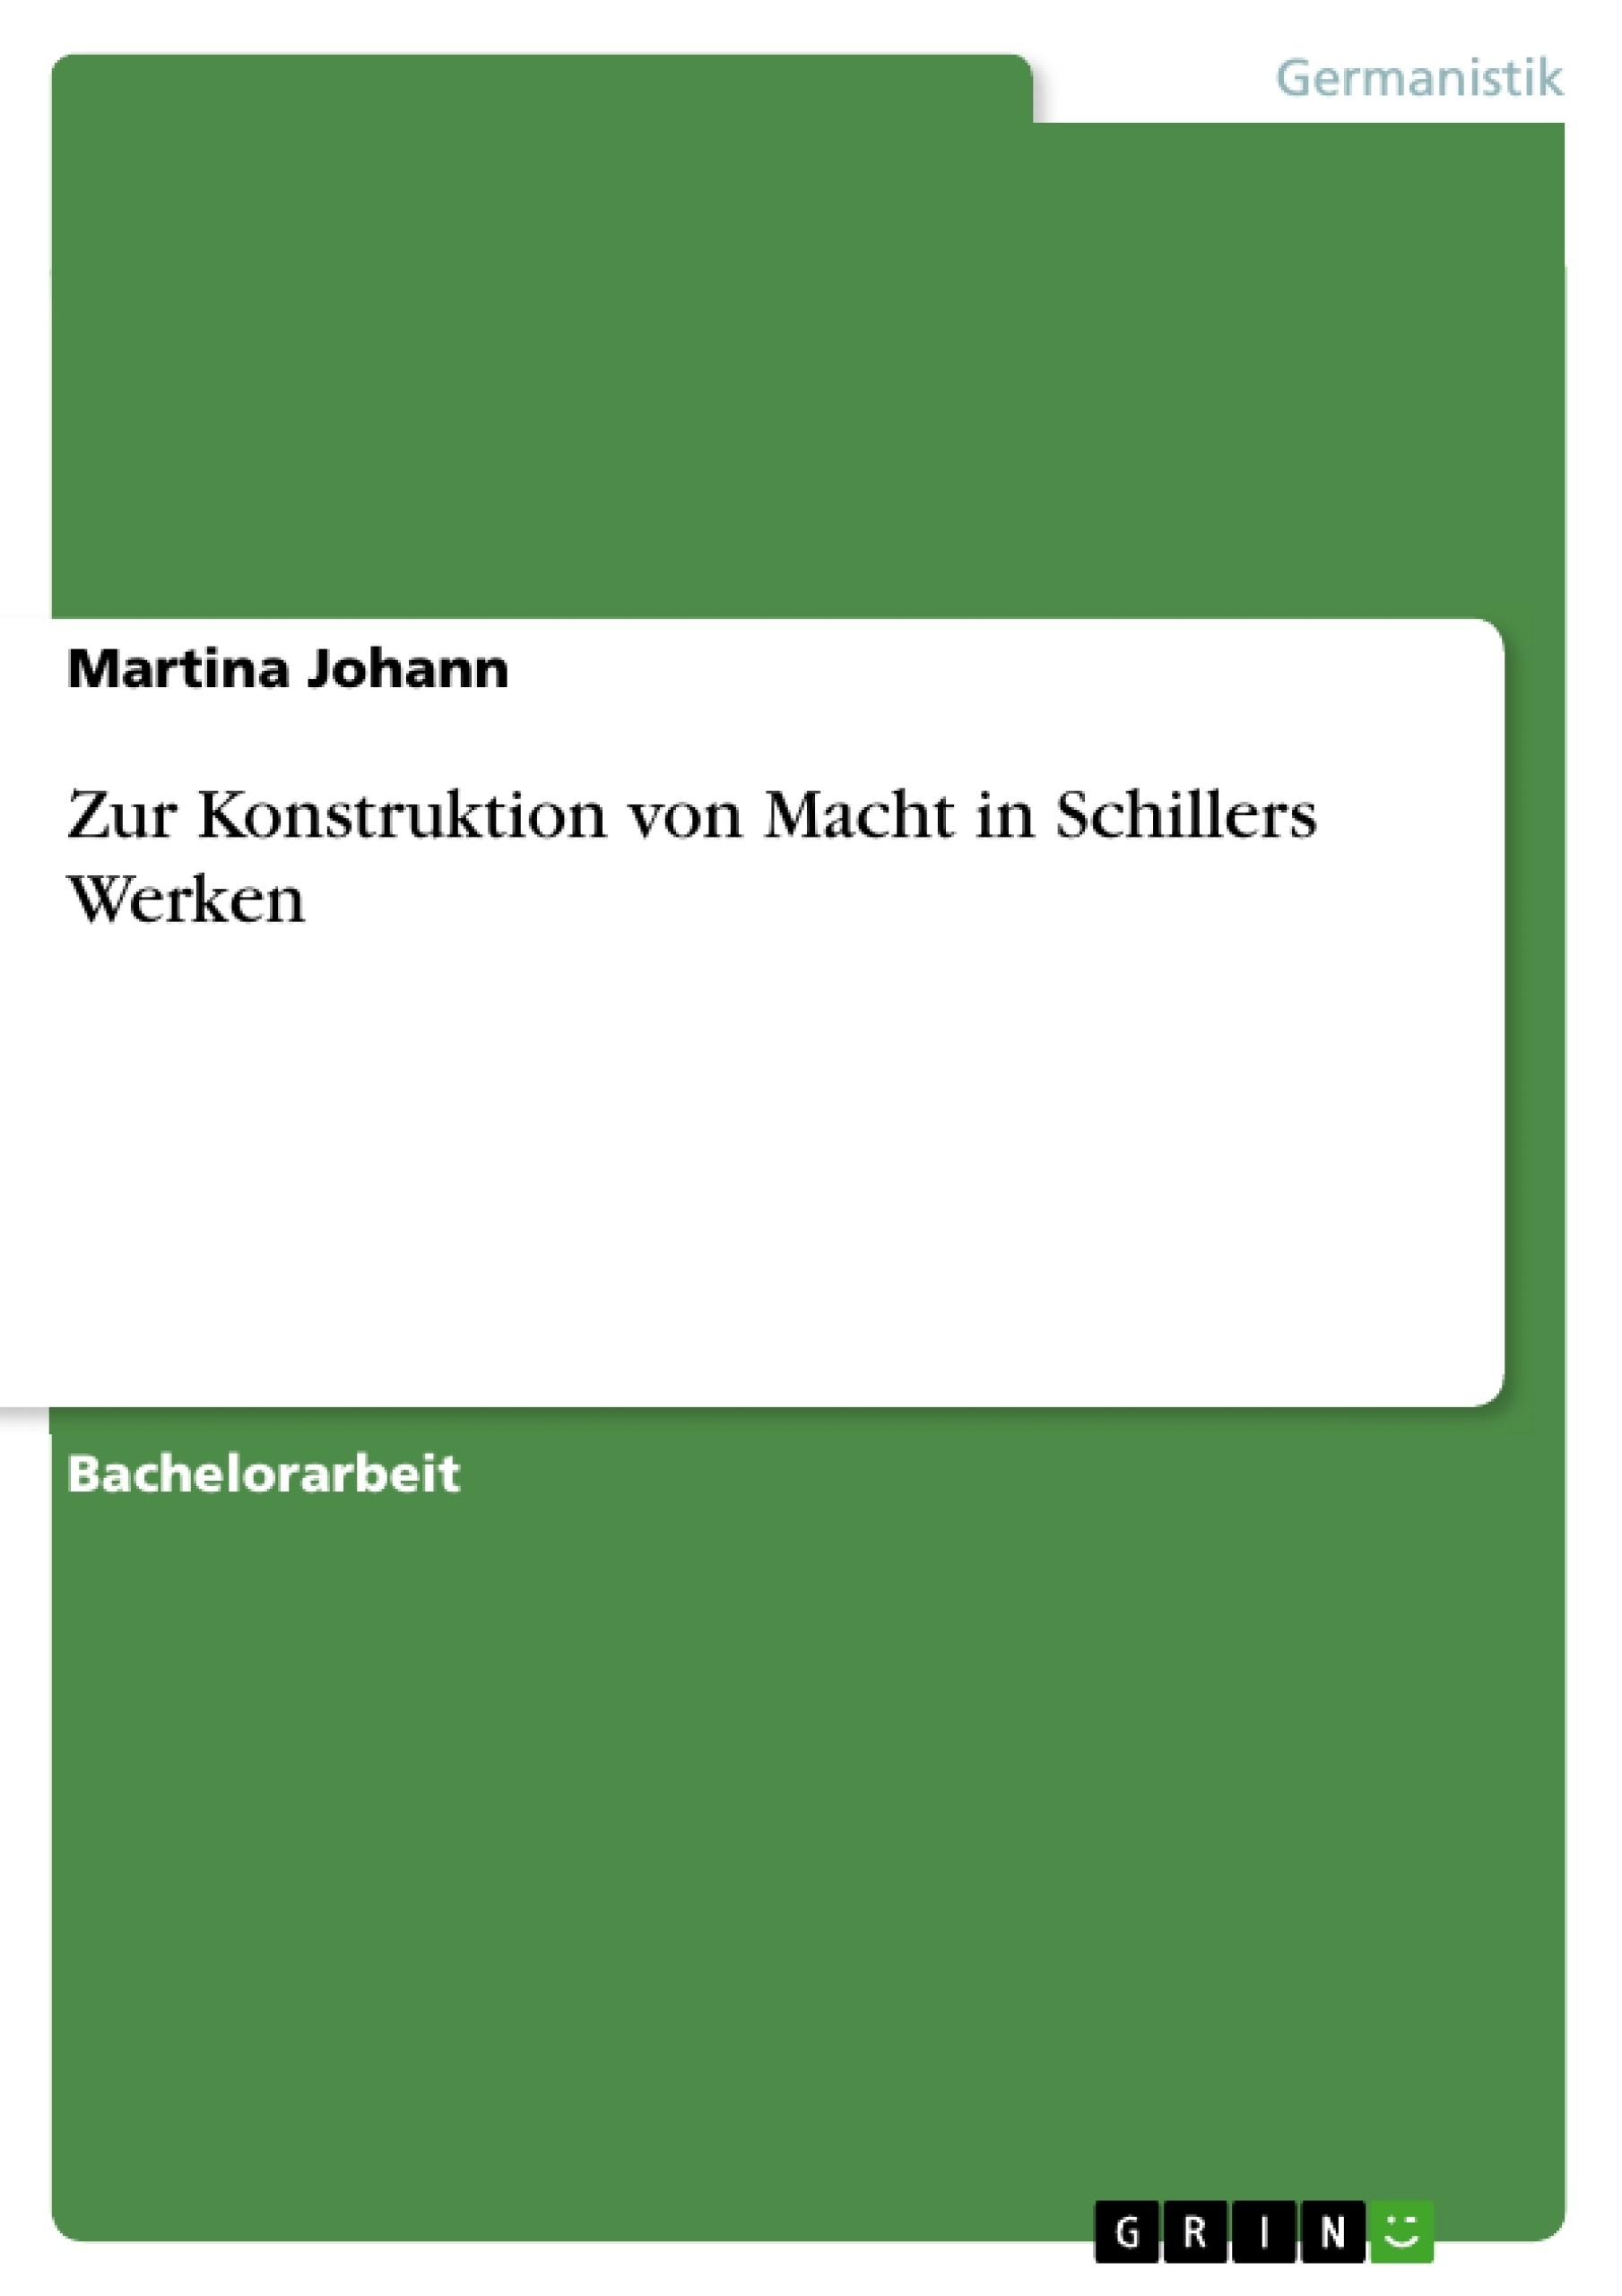 Titel: Zur Konstruktion von Macht in Schillers Werken